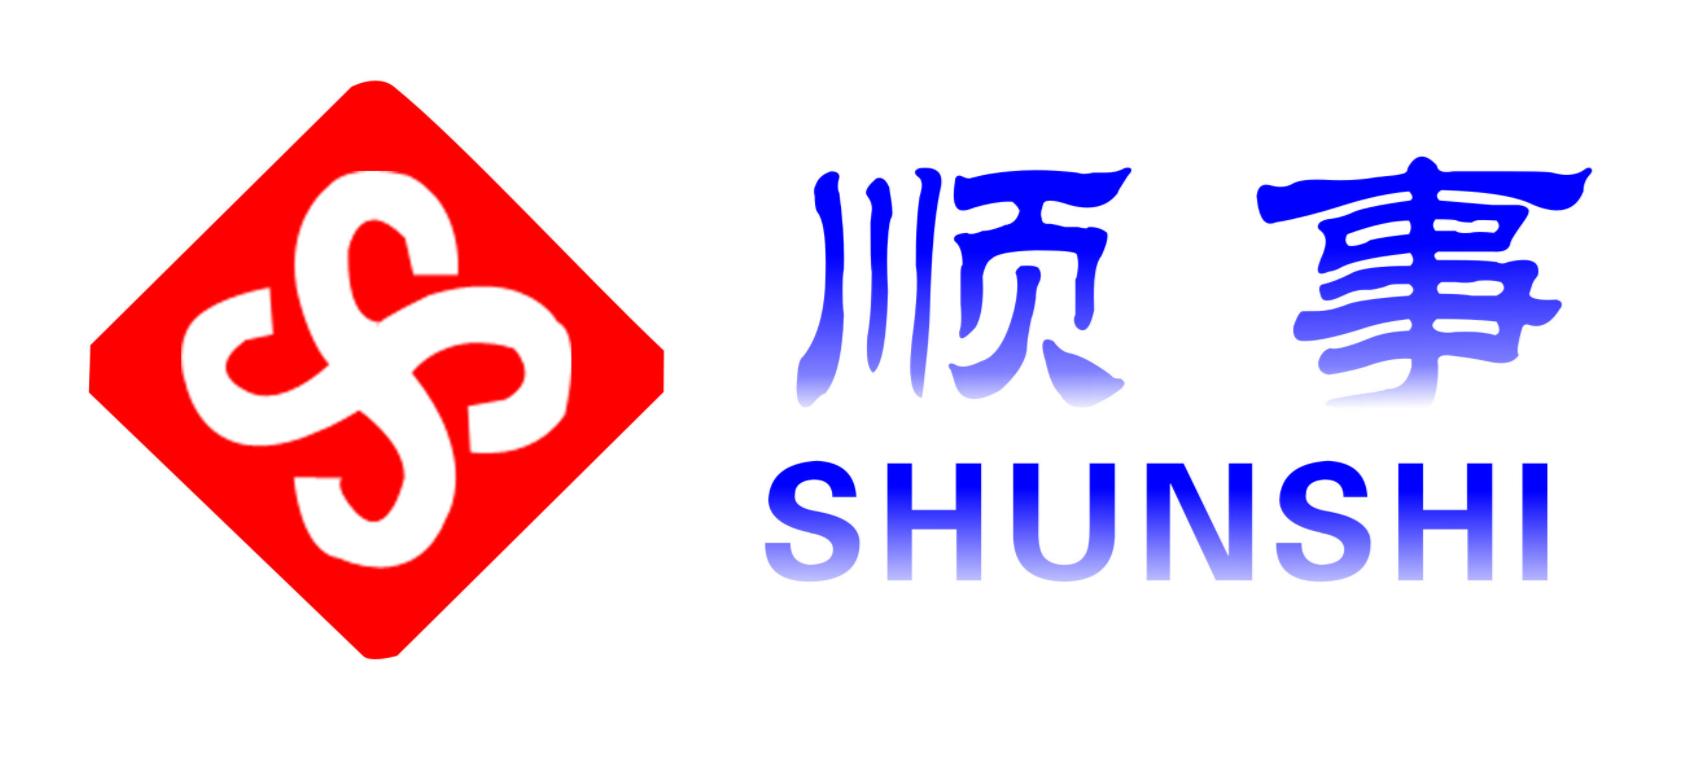 Shunshi